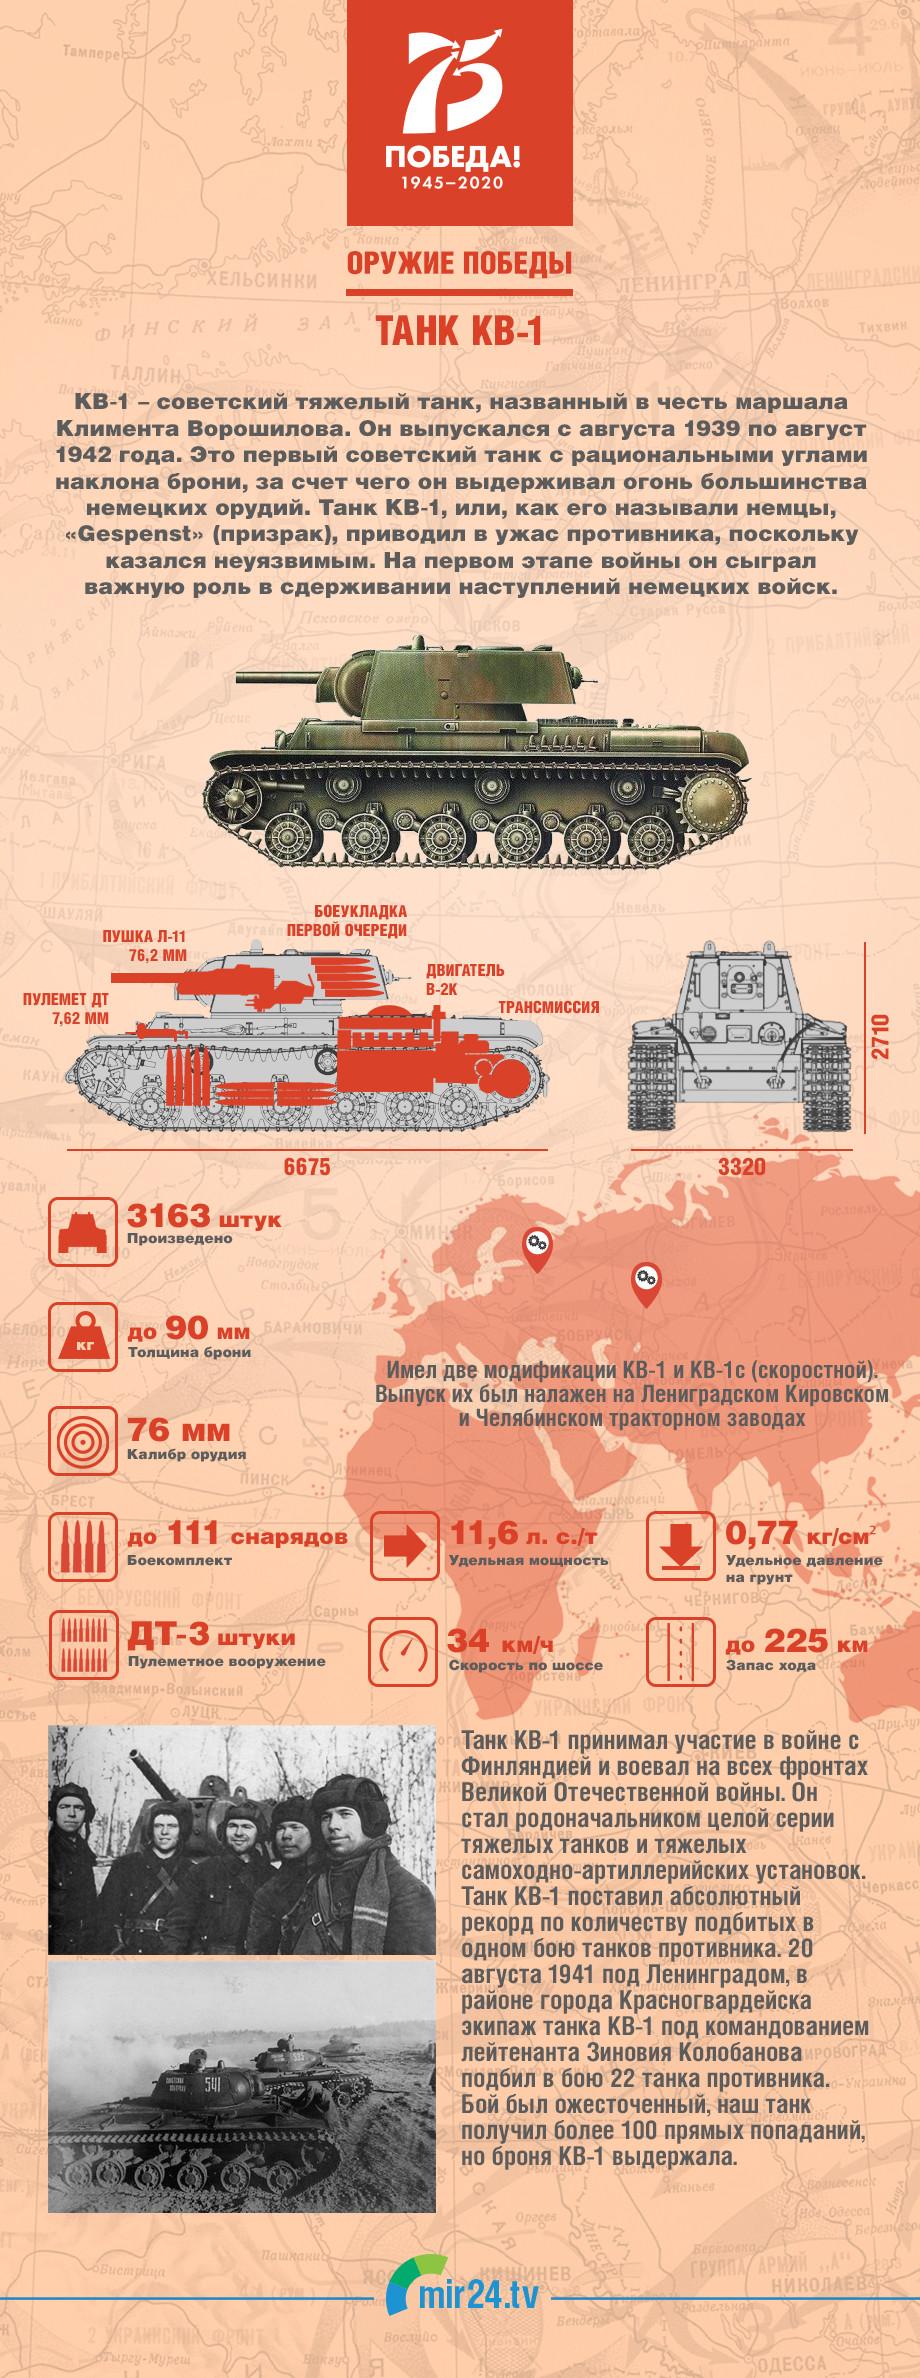 Оружие Победы: тяжелый танк КВ-1. ИНФОГРАФИКА